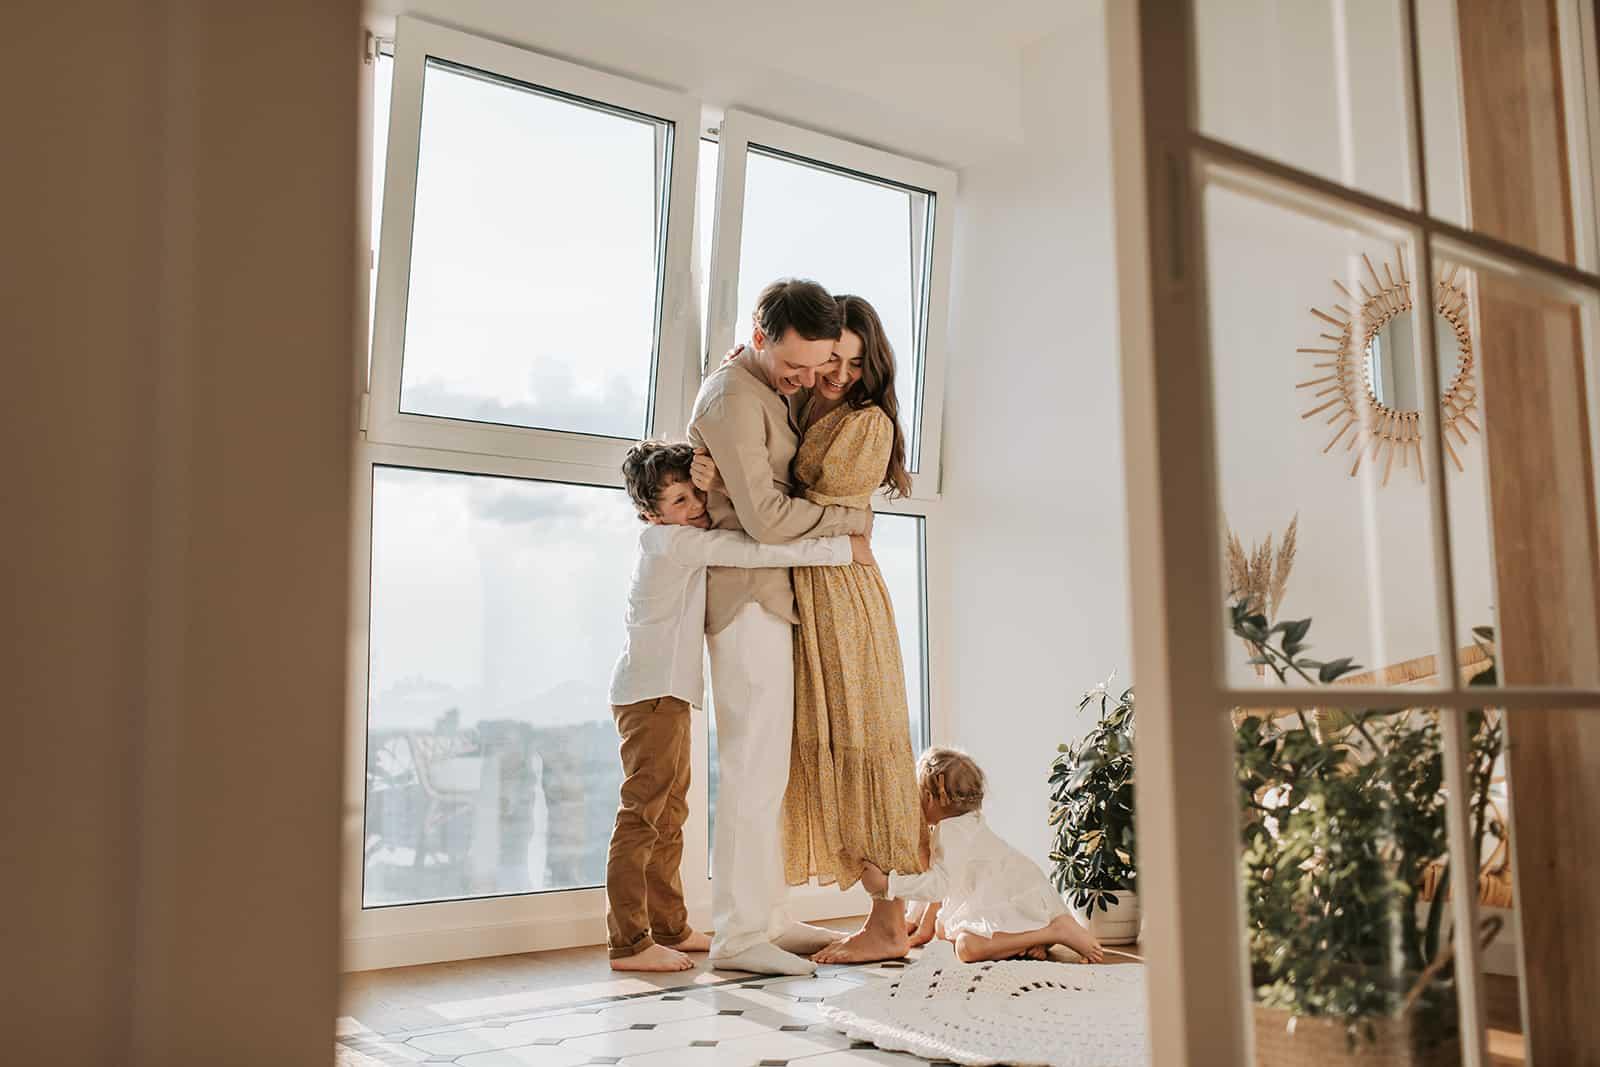 eine glückliche Familie, die sich zu Hause umarmt